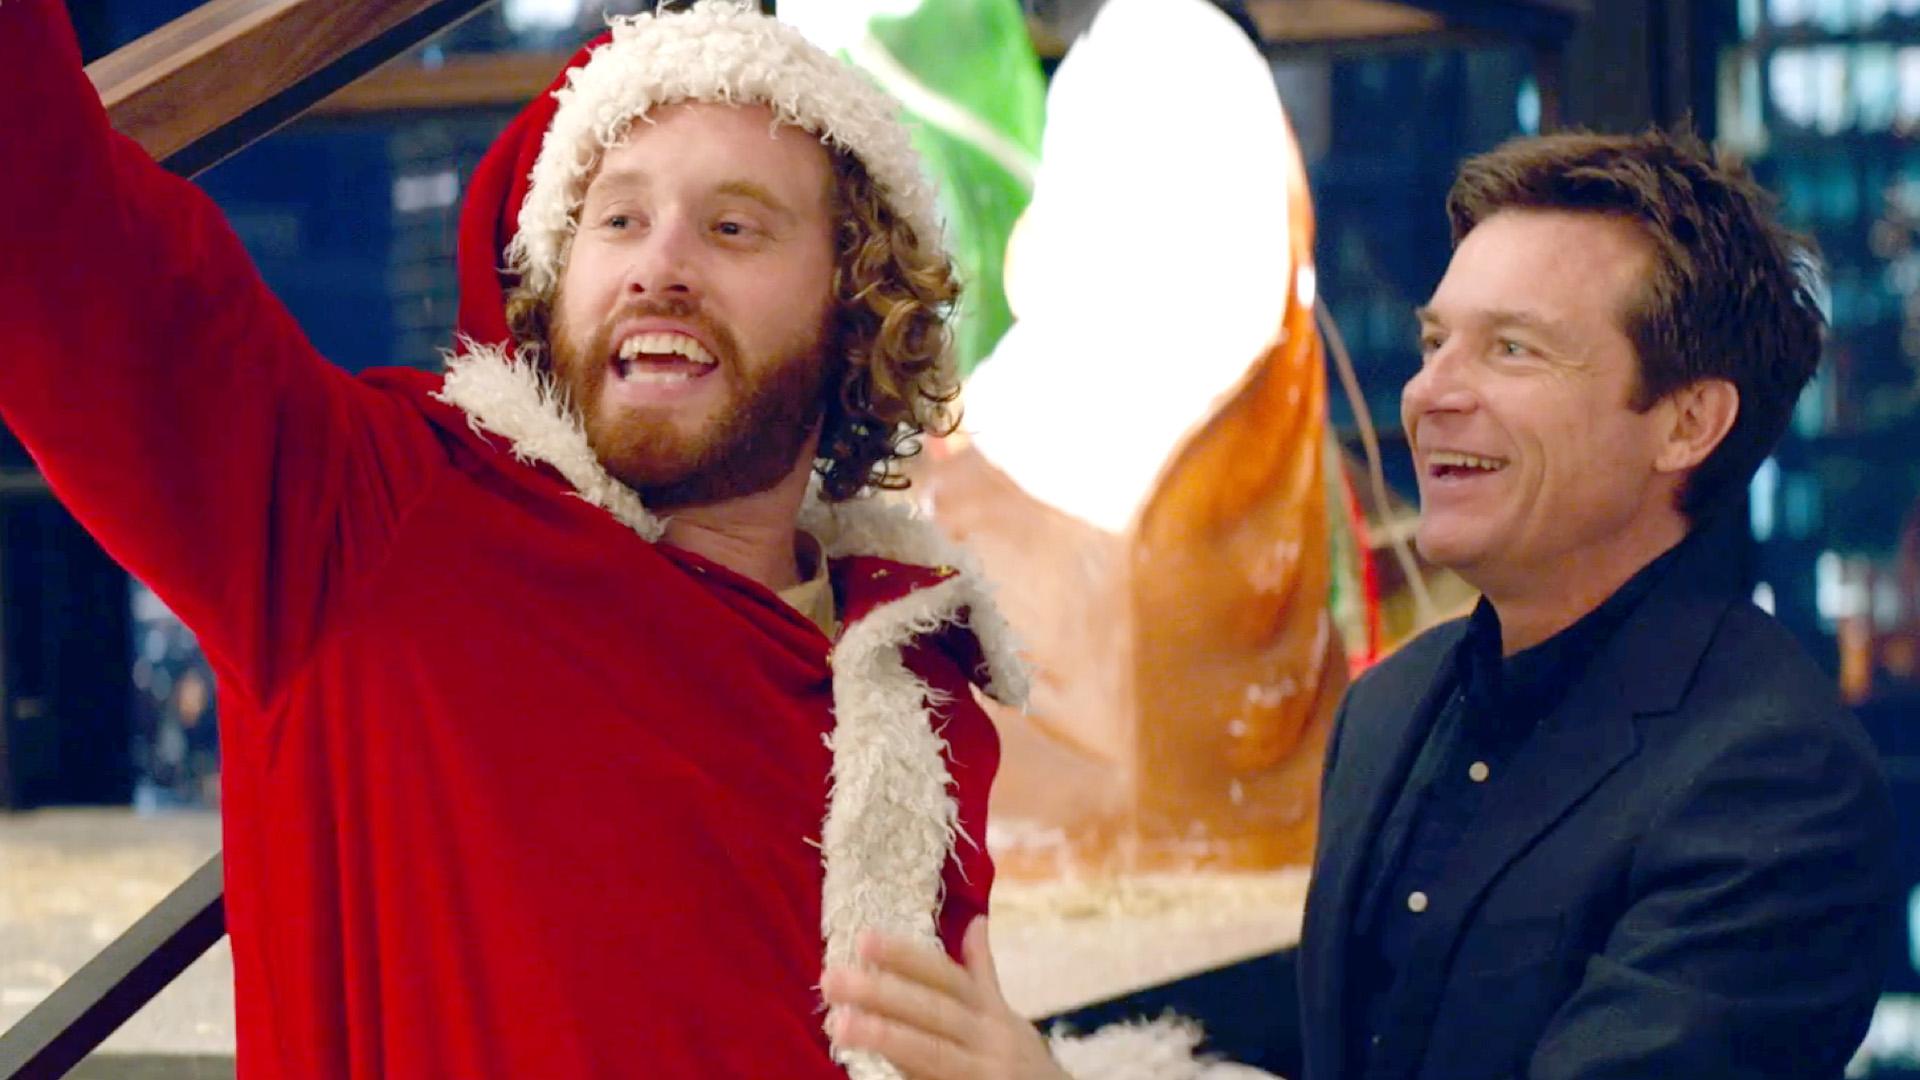 Office Christmas Party: Office Christmas Party Movie Clip - Stair ...